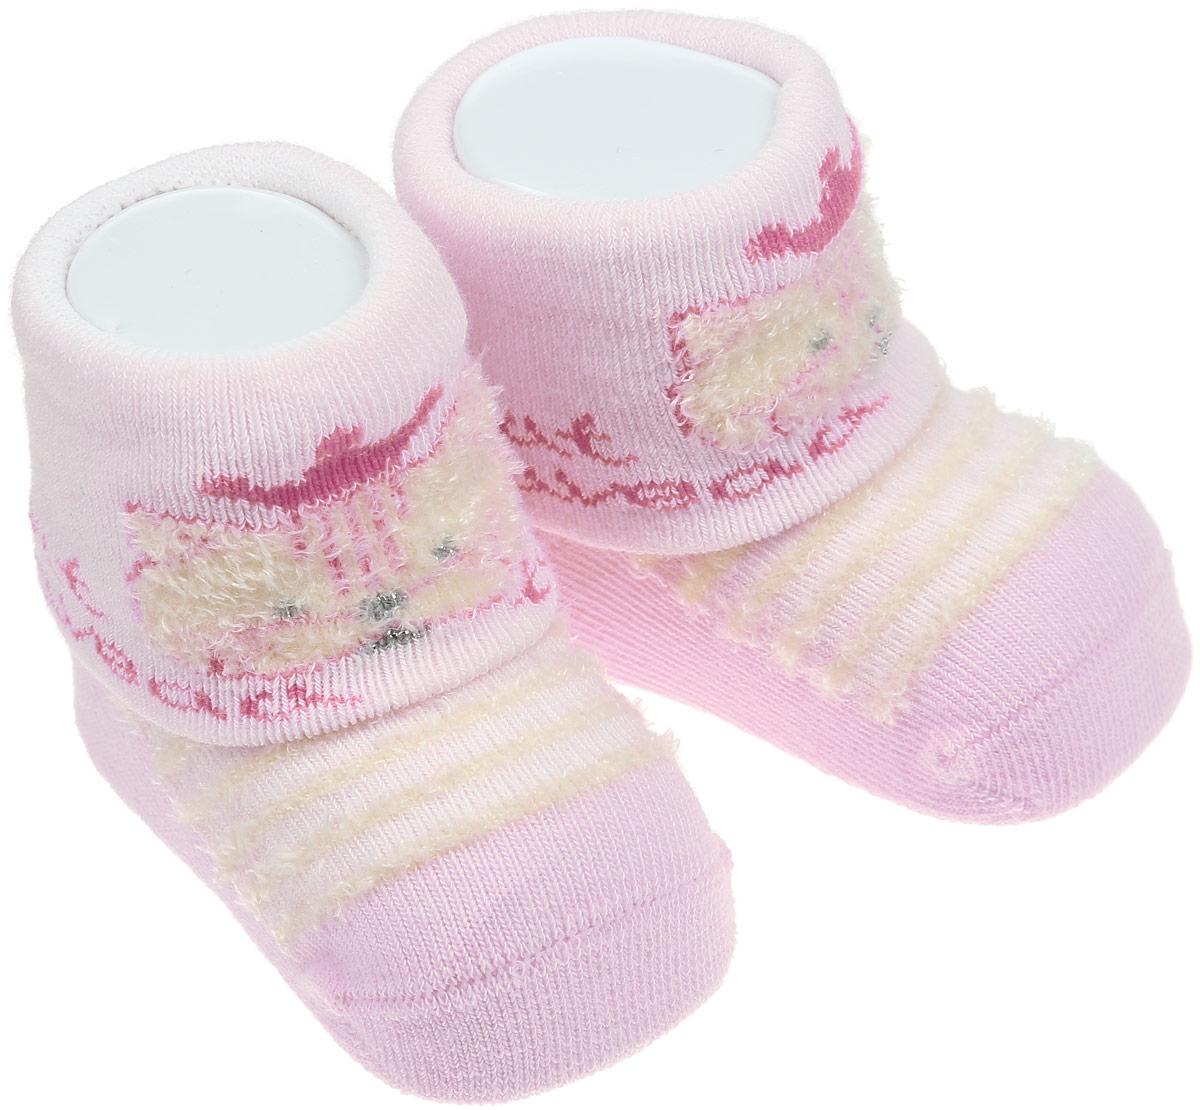 Носки82014Детские носки Master Socks изготовлены из высококачественного материала. Широкая резинка мягко облегает ножку, не сдавливая ее, благодаря чему ребенку будет комфортно и удобно. Усиленные пятка и мысок обеспечивают надежность и долговечность. Модель оформлена фактурными полосками, украшена объемным изображением котика. Такие носочки станут отличным дополнением к гардеробу ребенка! Уважаемые клиенты! Размер, доступный для заказа, является длиной стопы.